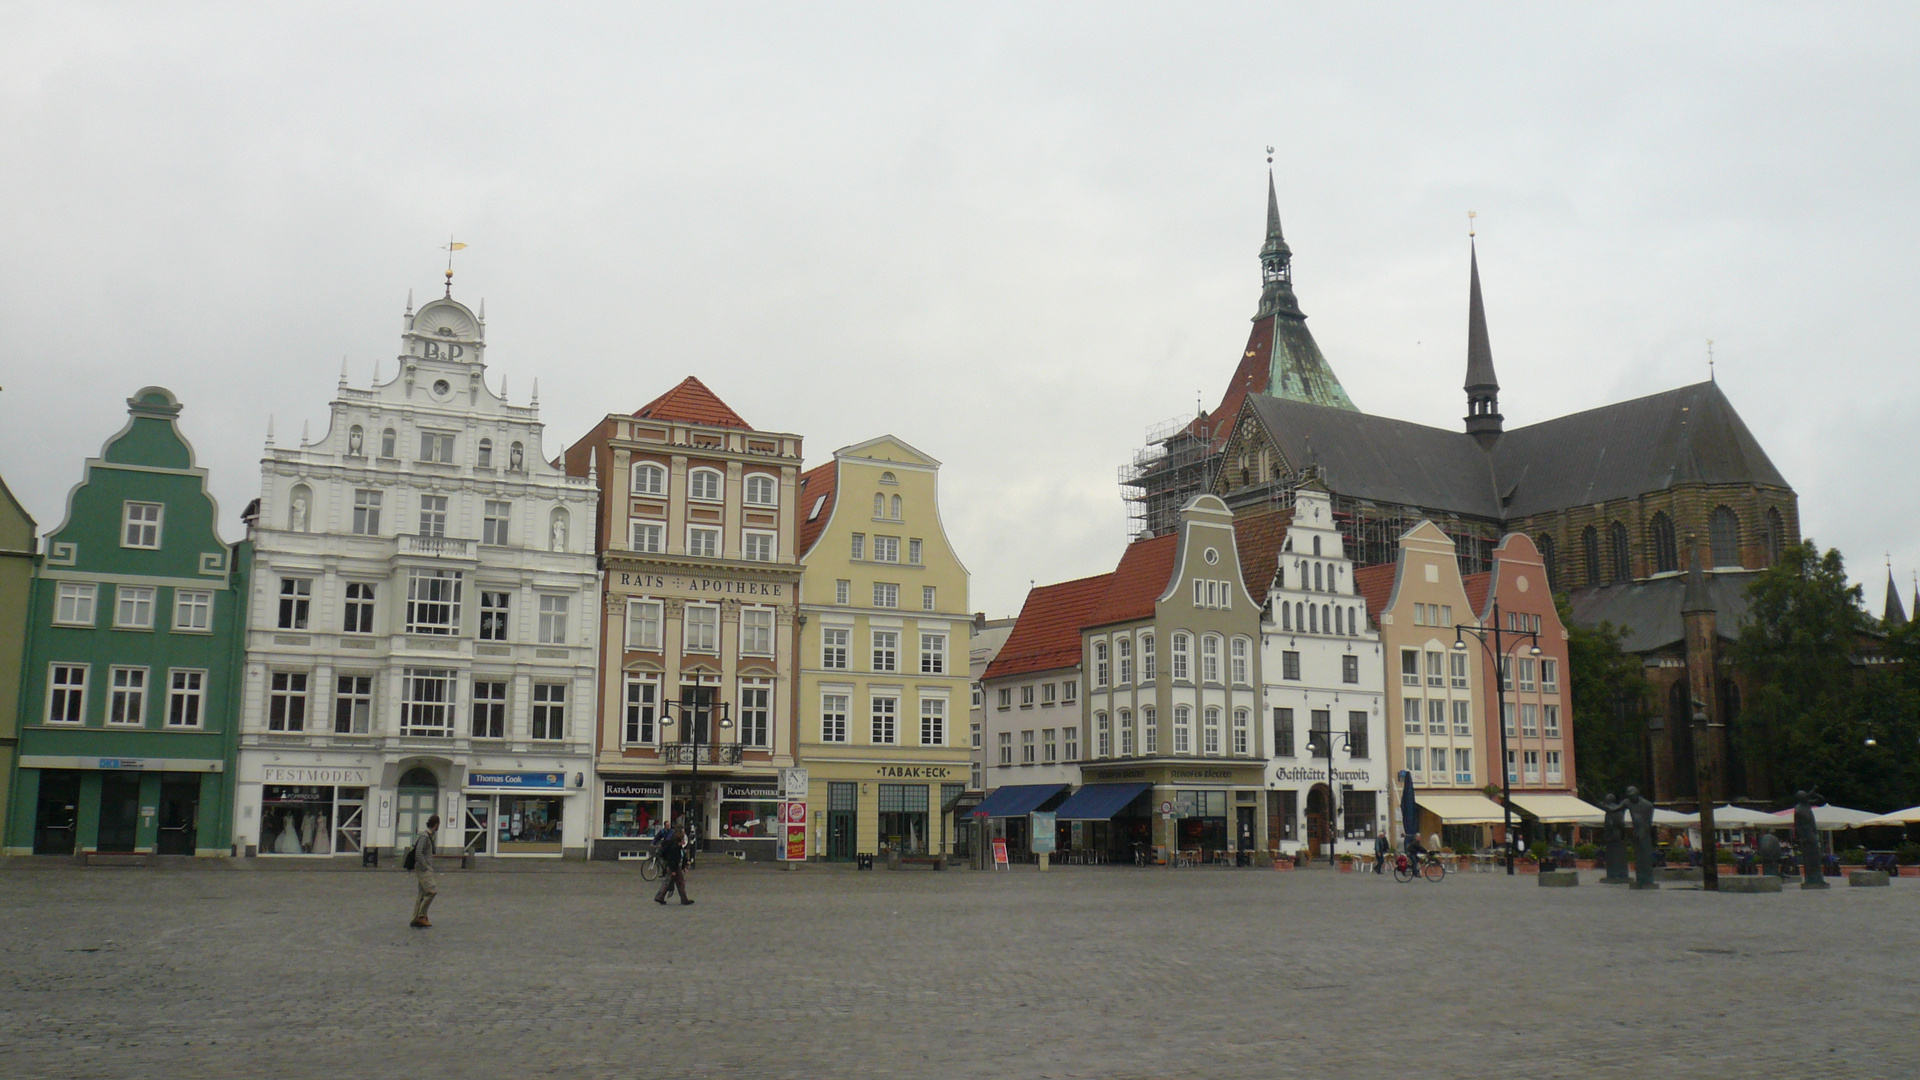 Markt.De Rostock